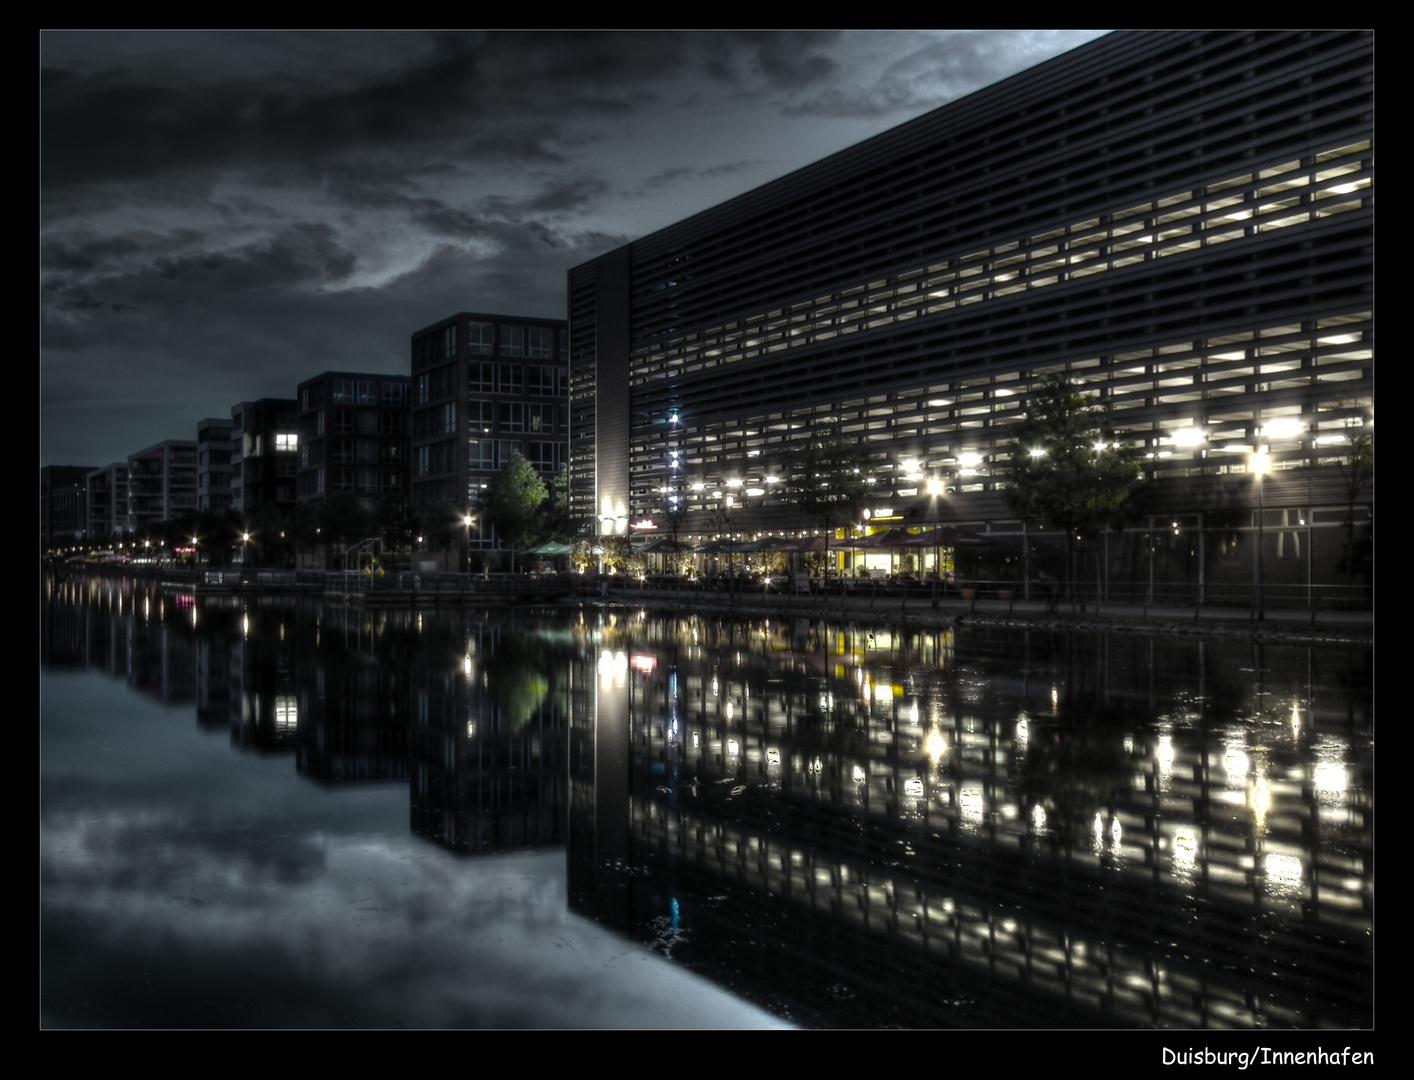 Duisburg/Innenhafen